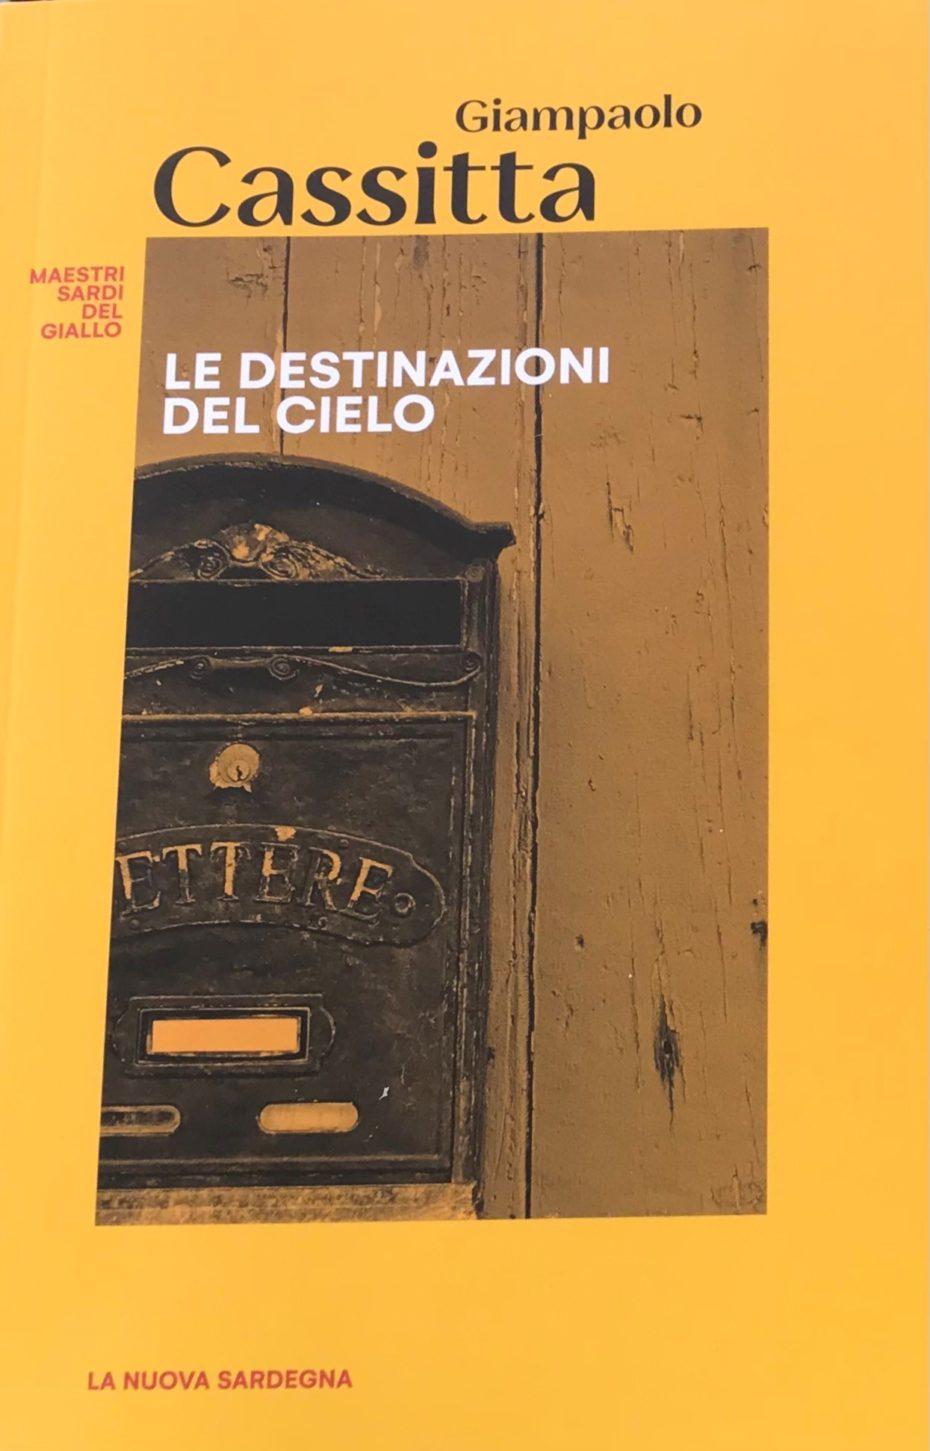 Le destinazioni del cielo - edizione speciale per La Nuova Sardegna, 2021